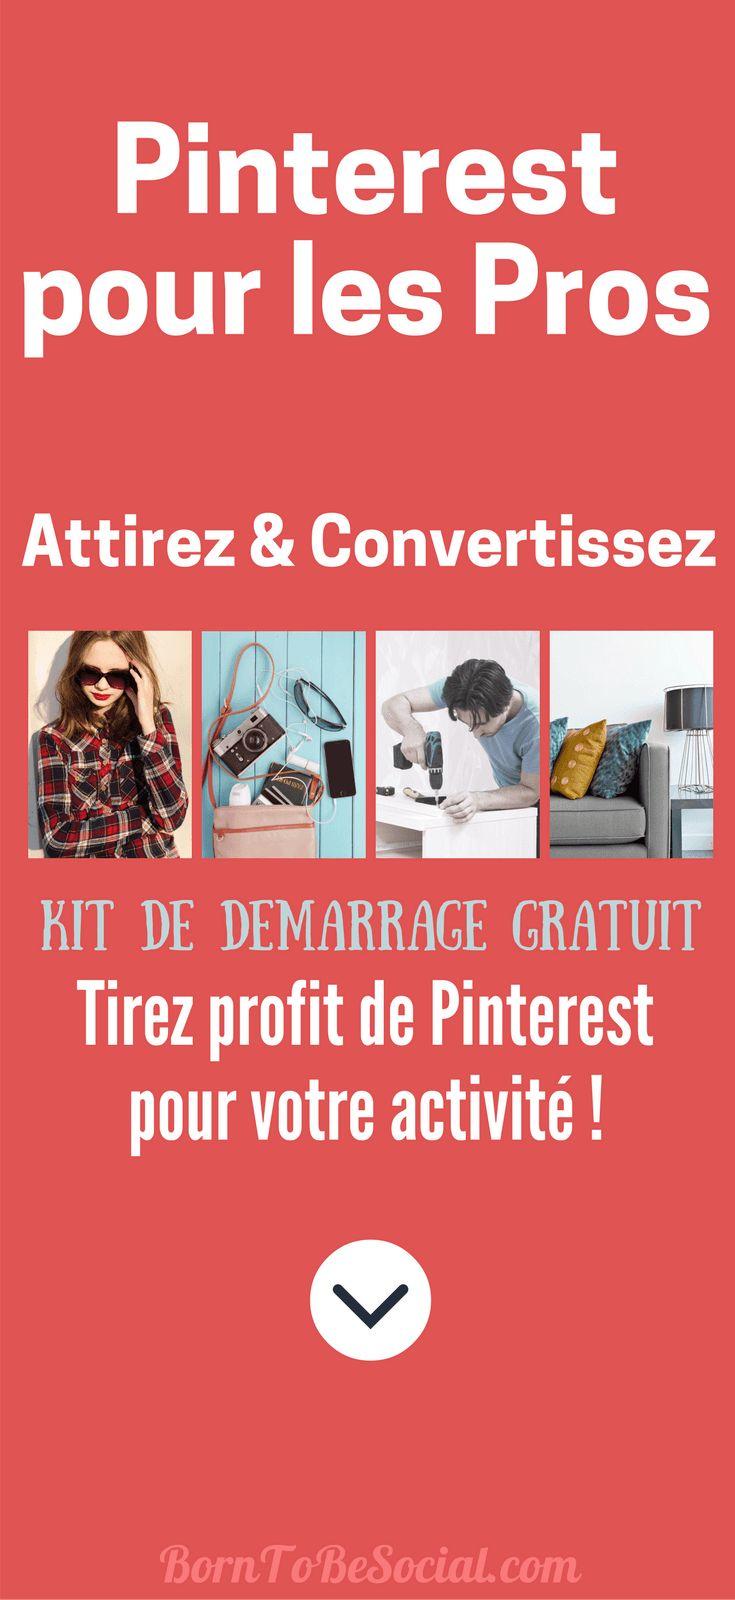 Un compte Pro Pinterest est gratuit,offre des informations précieuses & des fonctionnalités supplémentaires!Son installation est un jeu d'enfant.Lancez-vous!